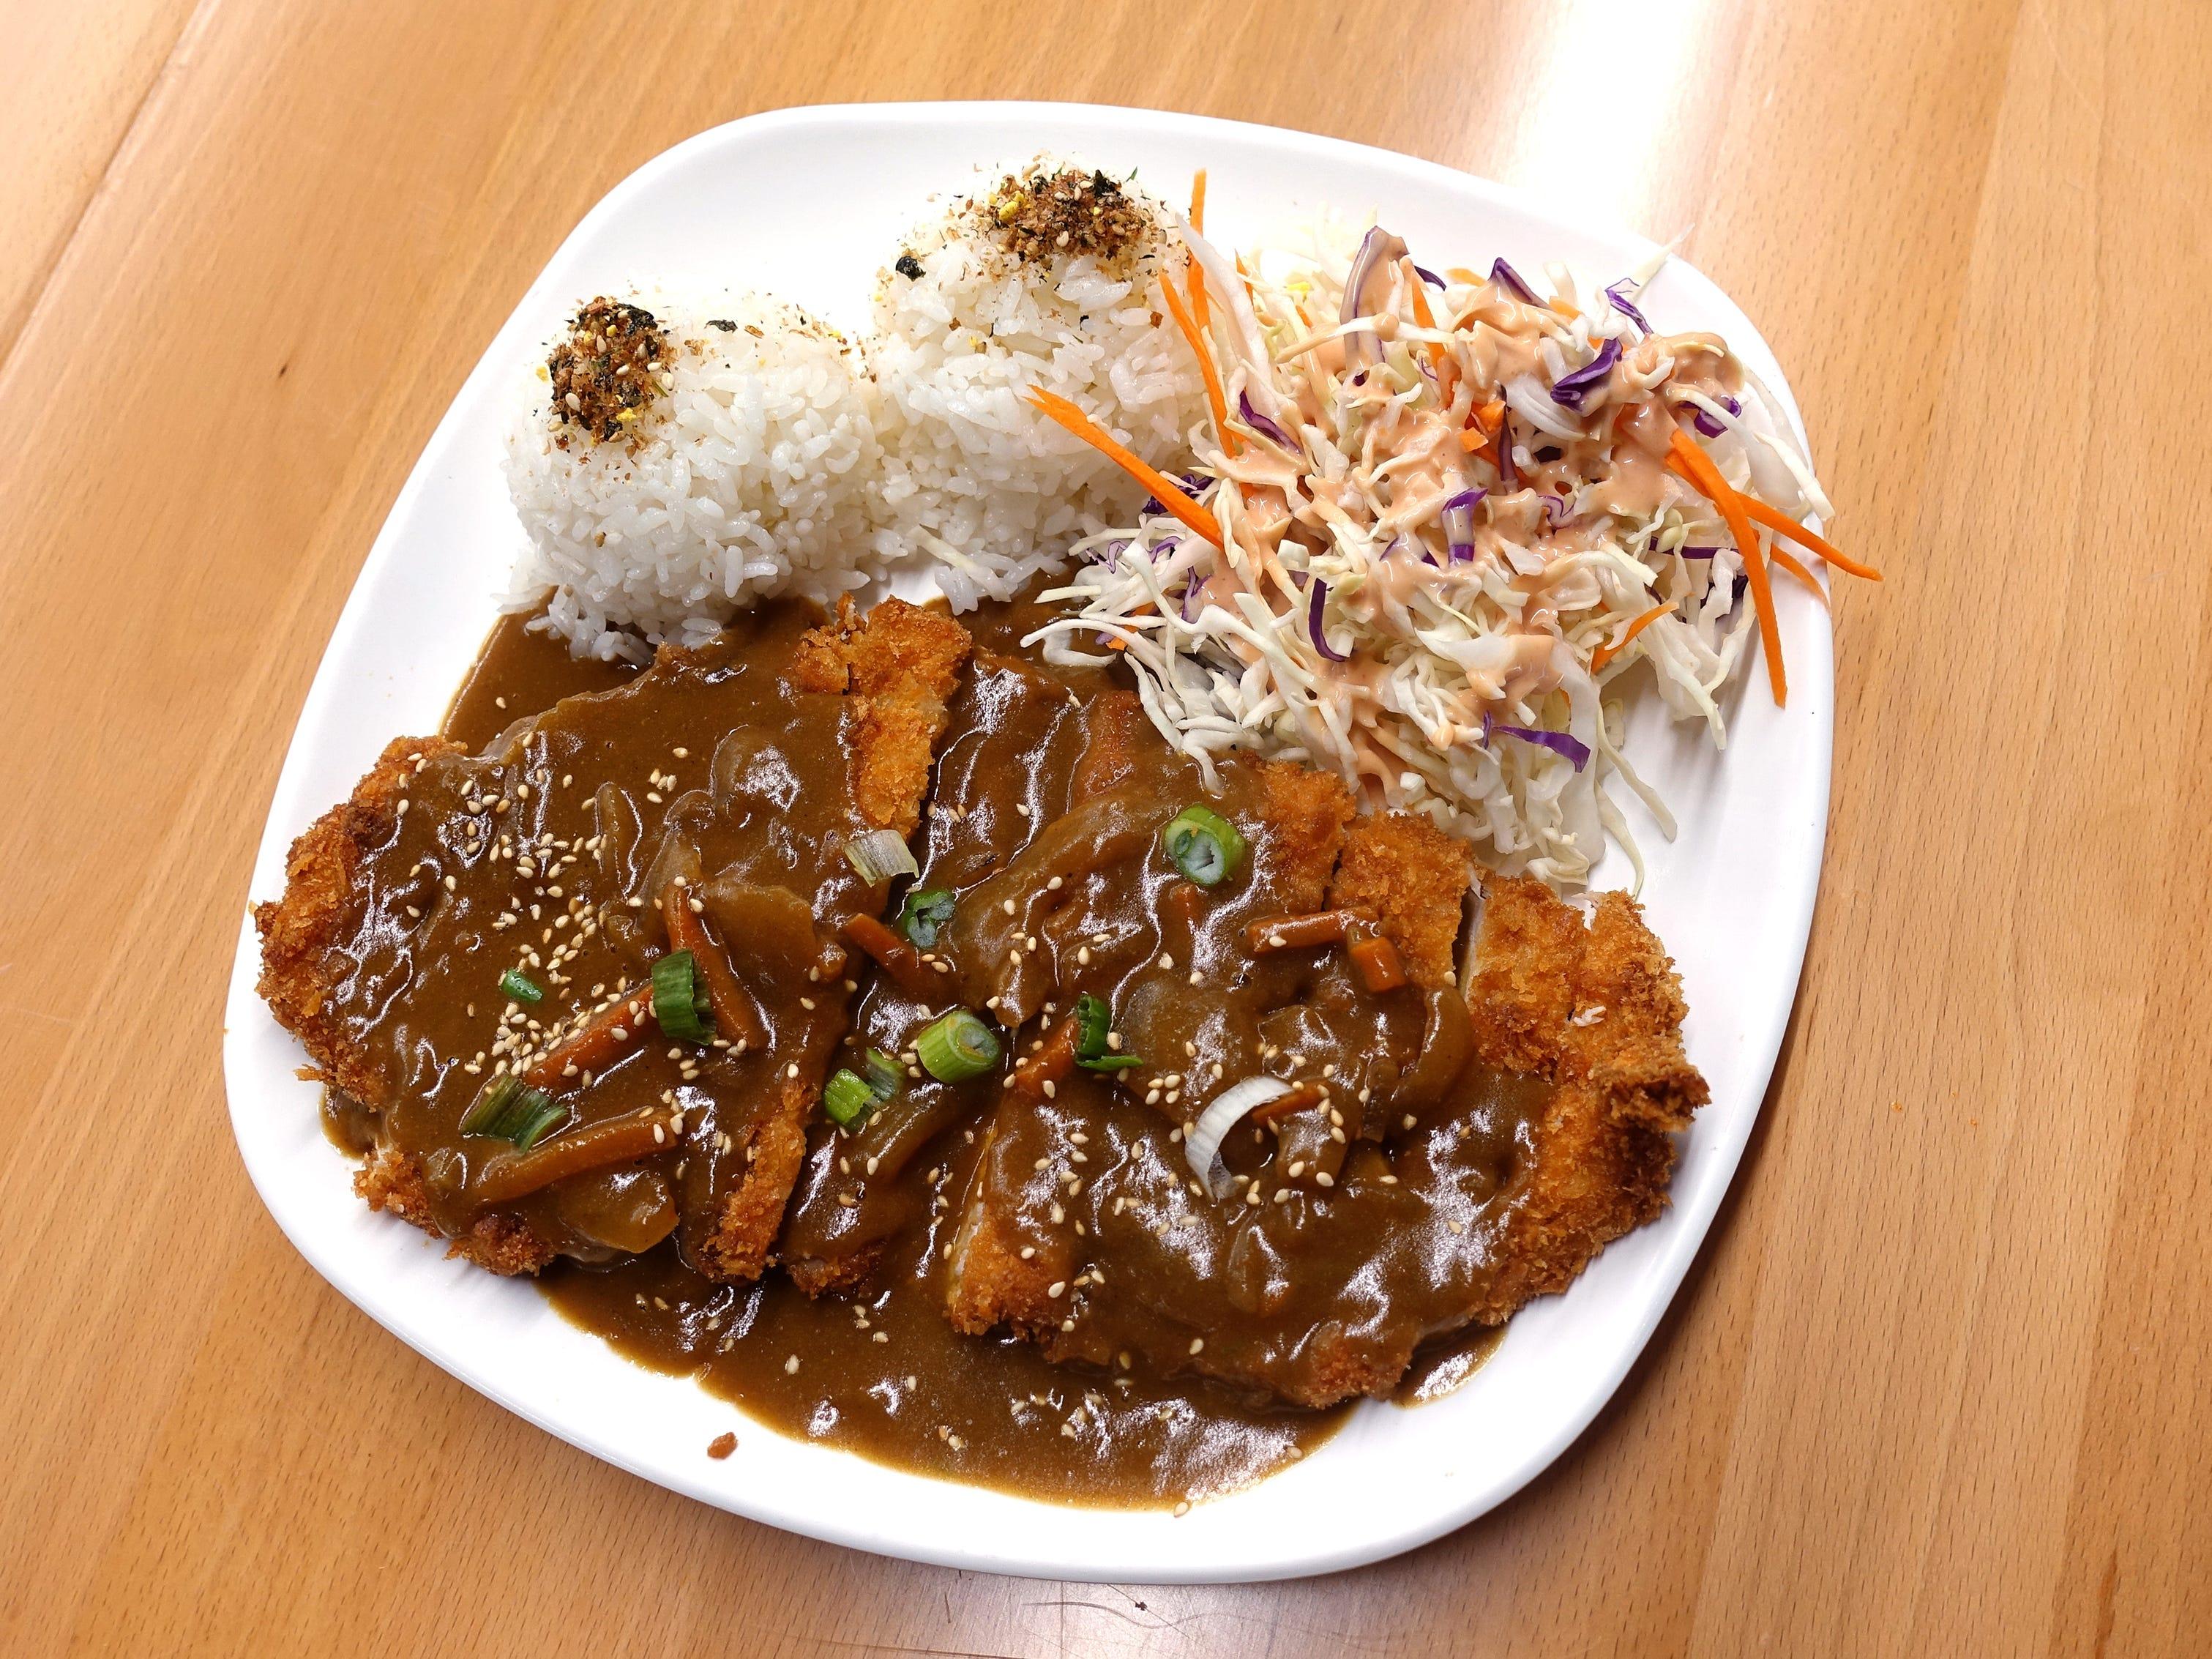 Curry tonokatsu at Katsu at Asiana Market in Mesa.